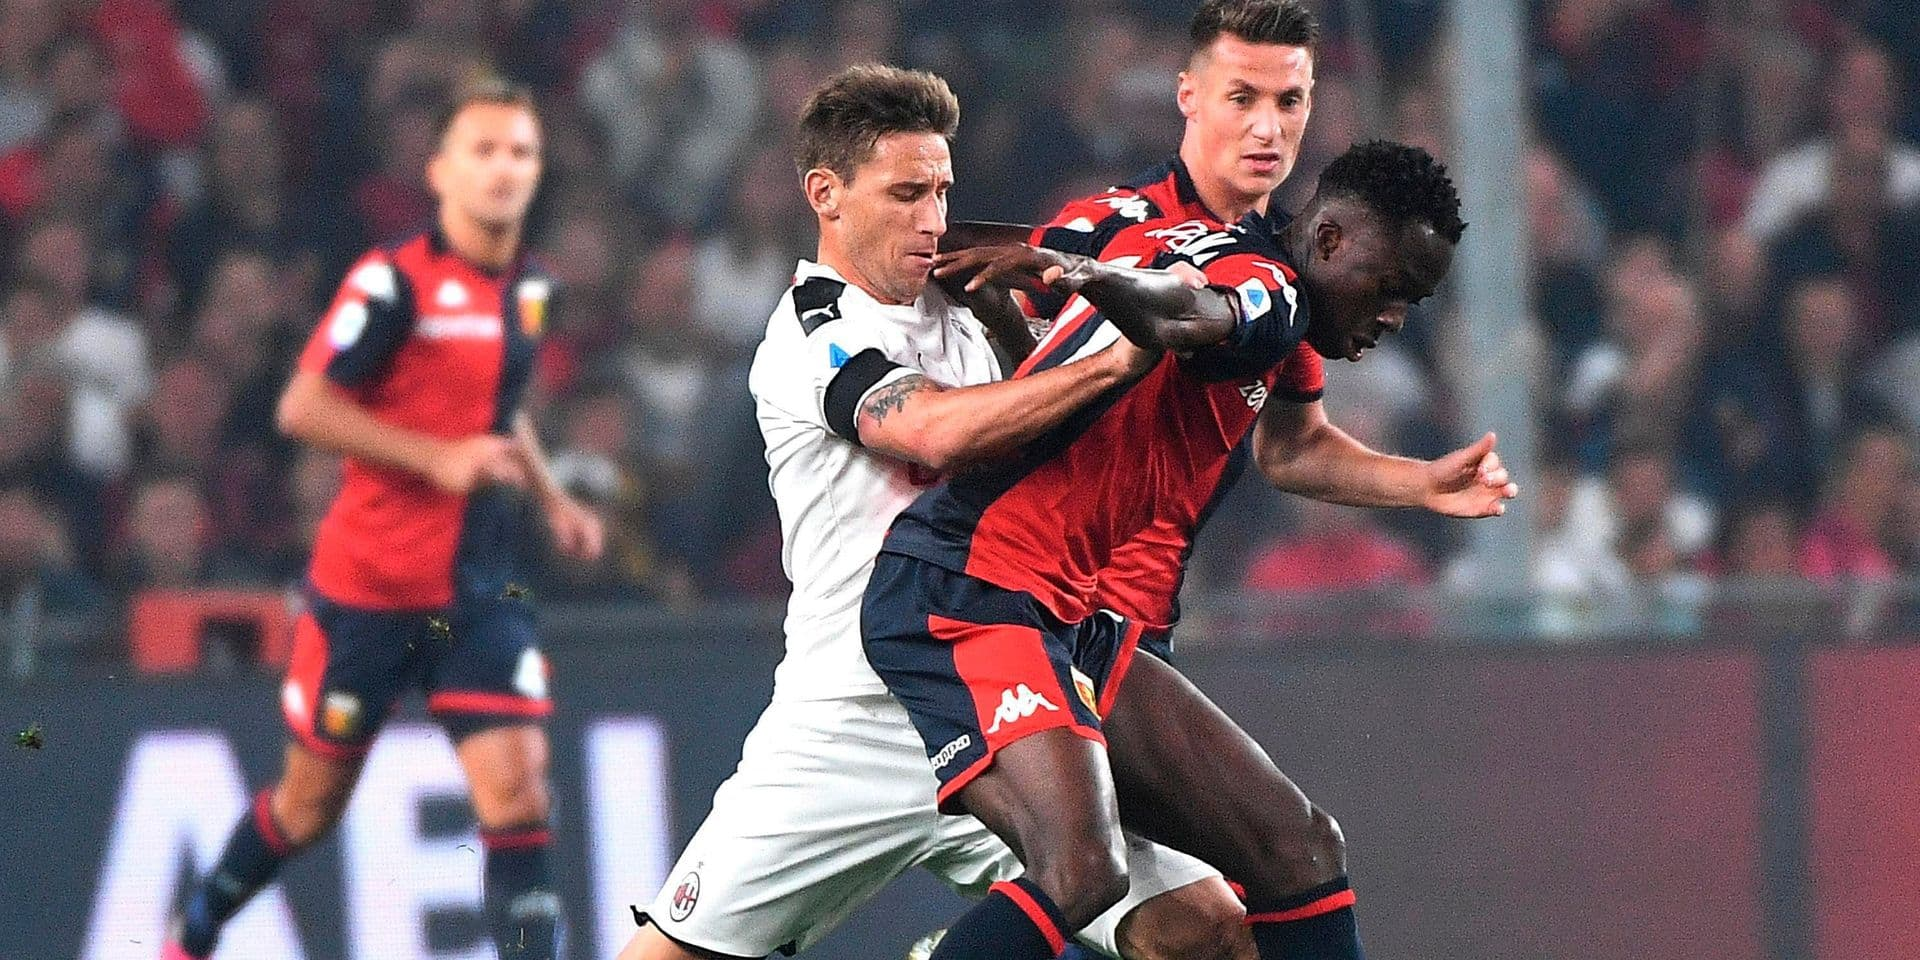 Serie A: l'AC Milan s'impose et trouve un peu de répit